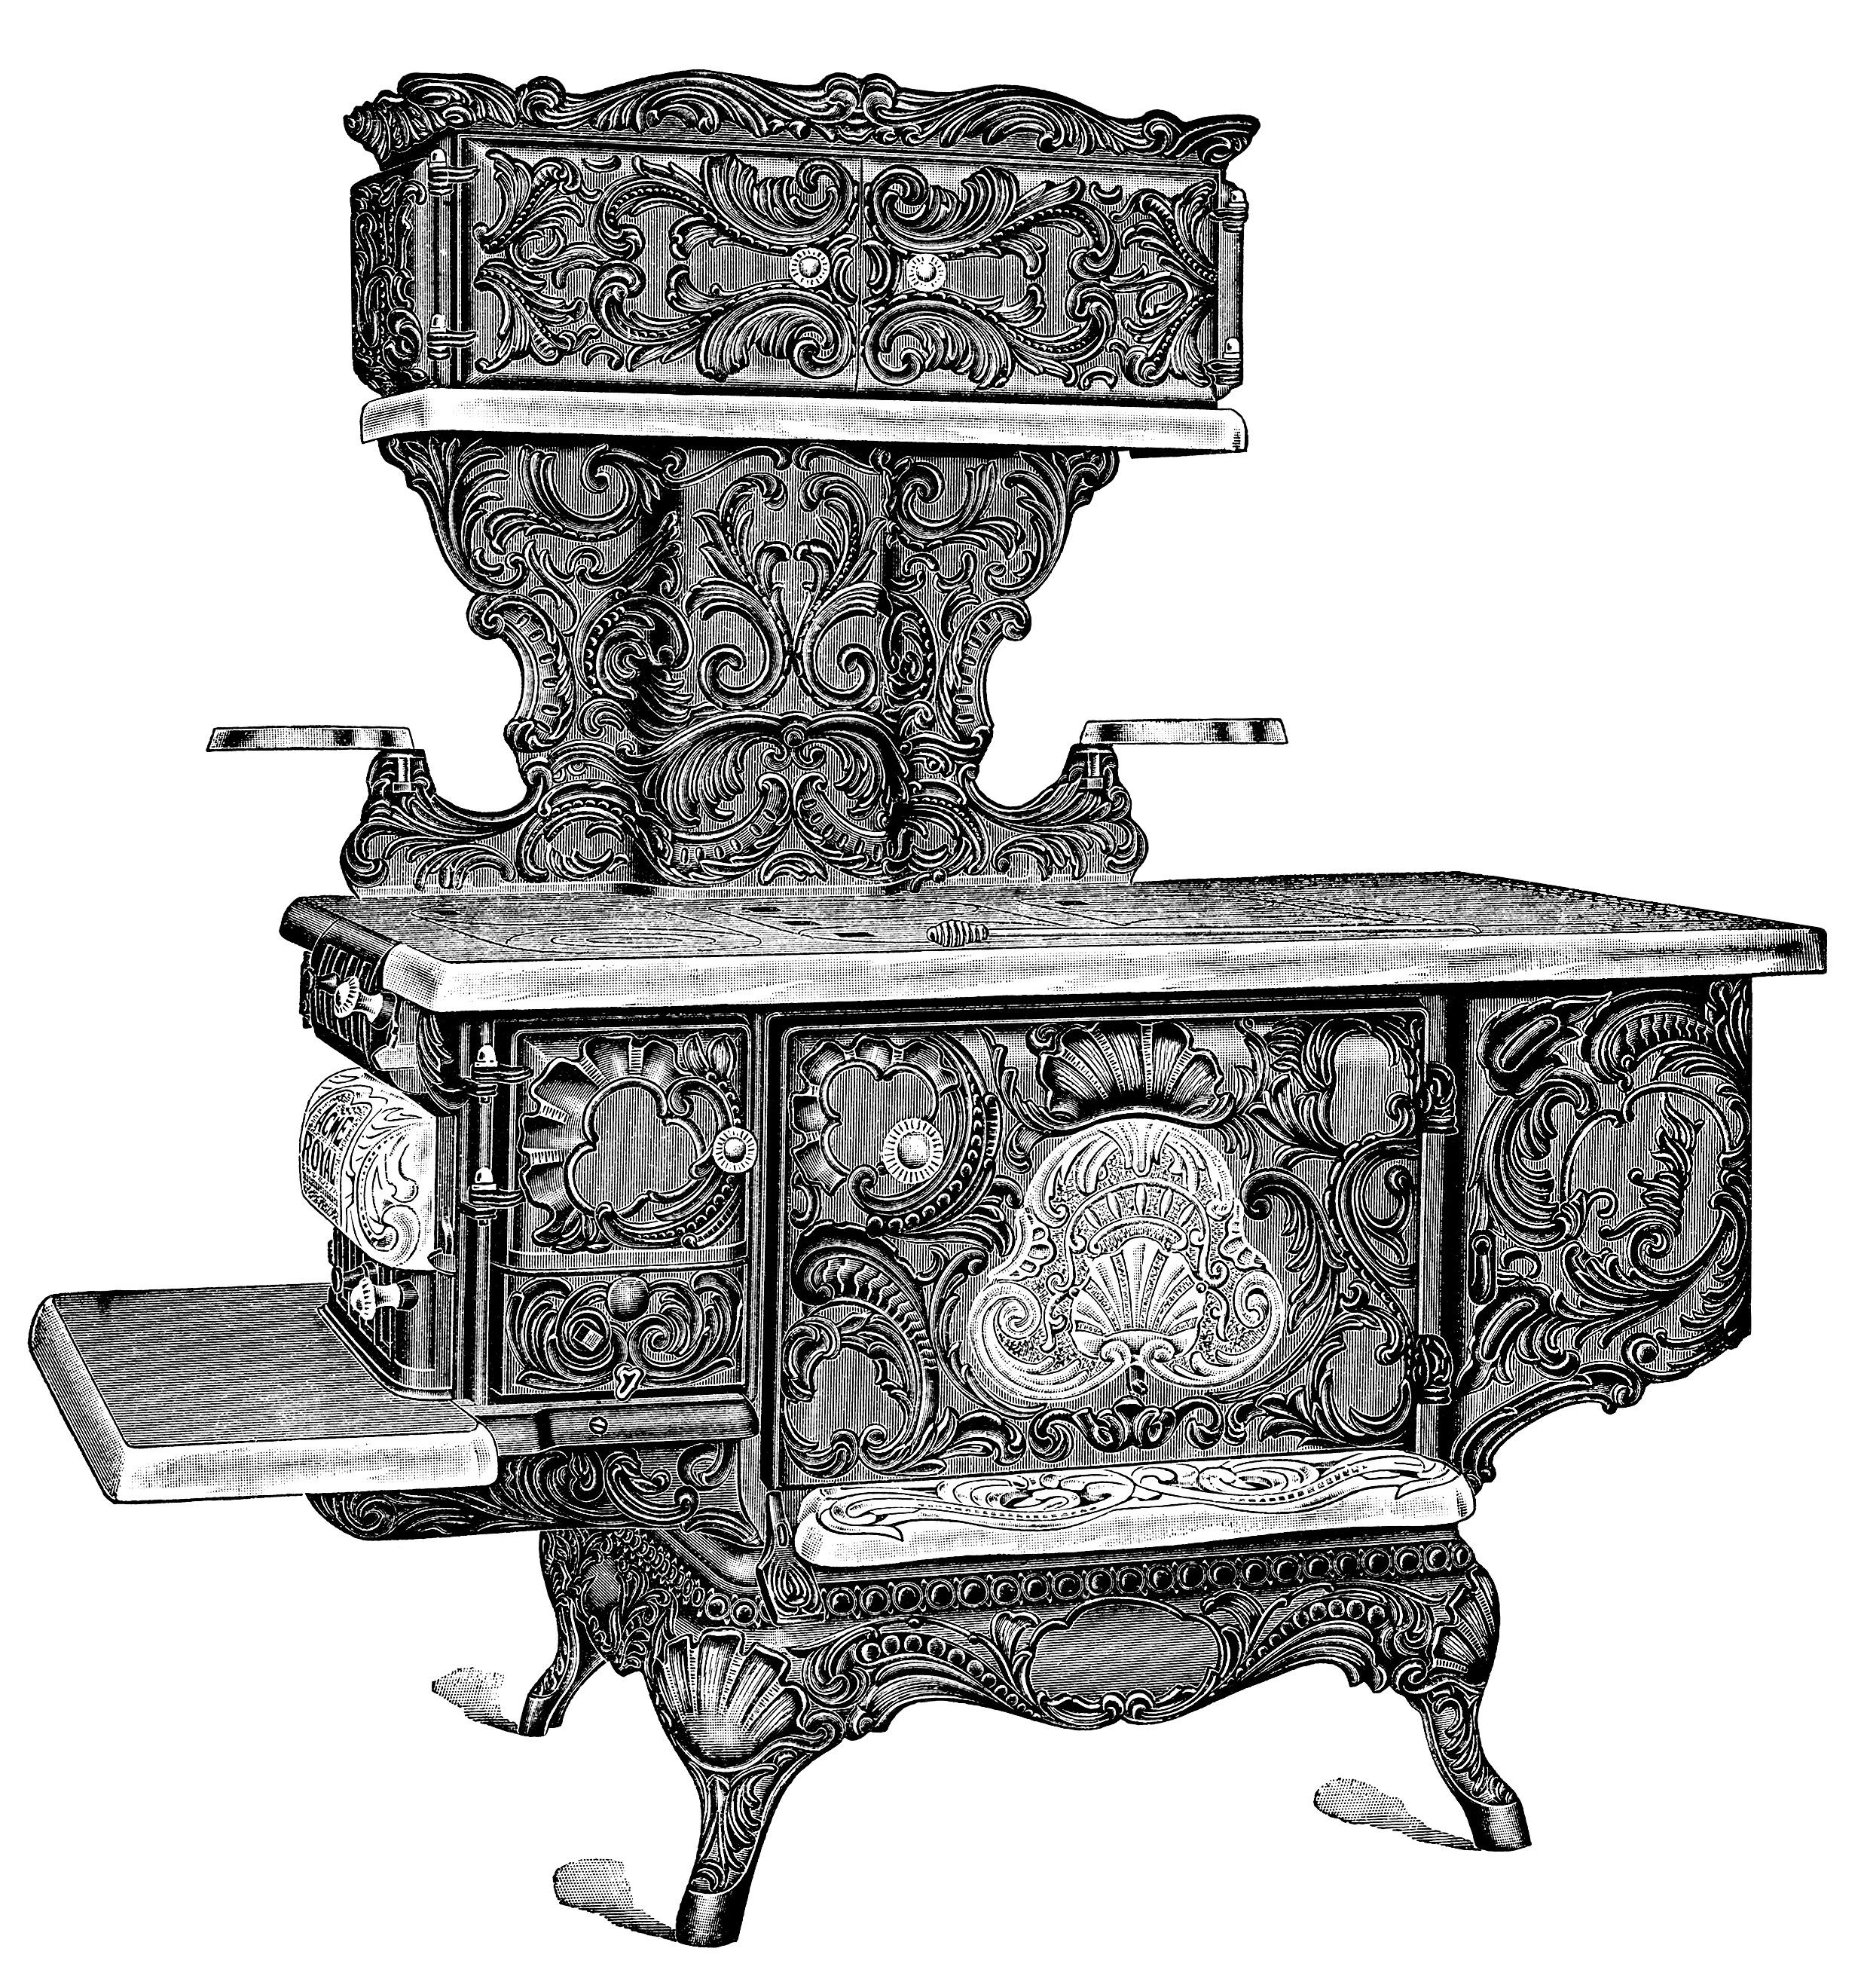 Рисунок с изображением изысканной чугунной дровяной плиты (печи)